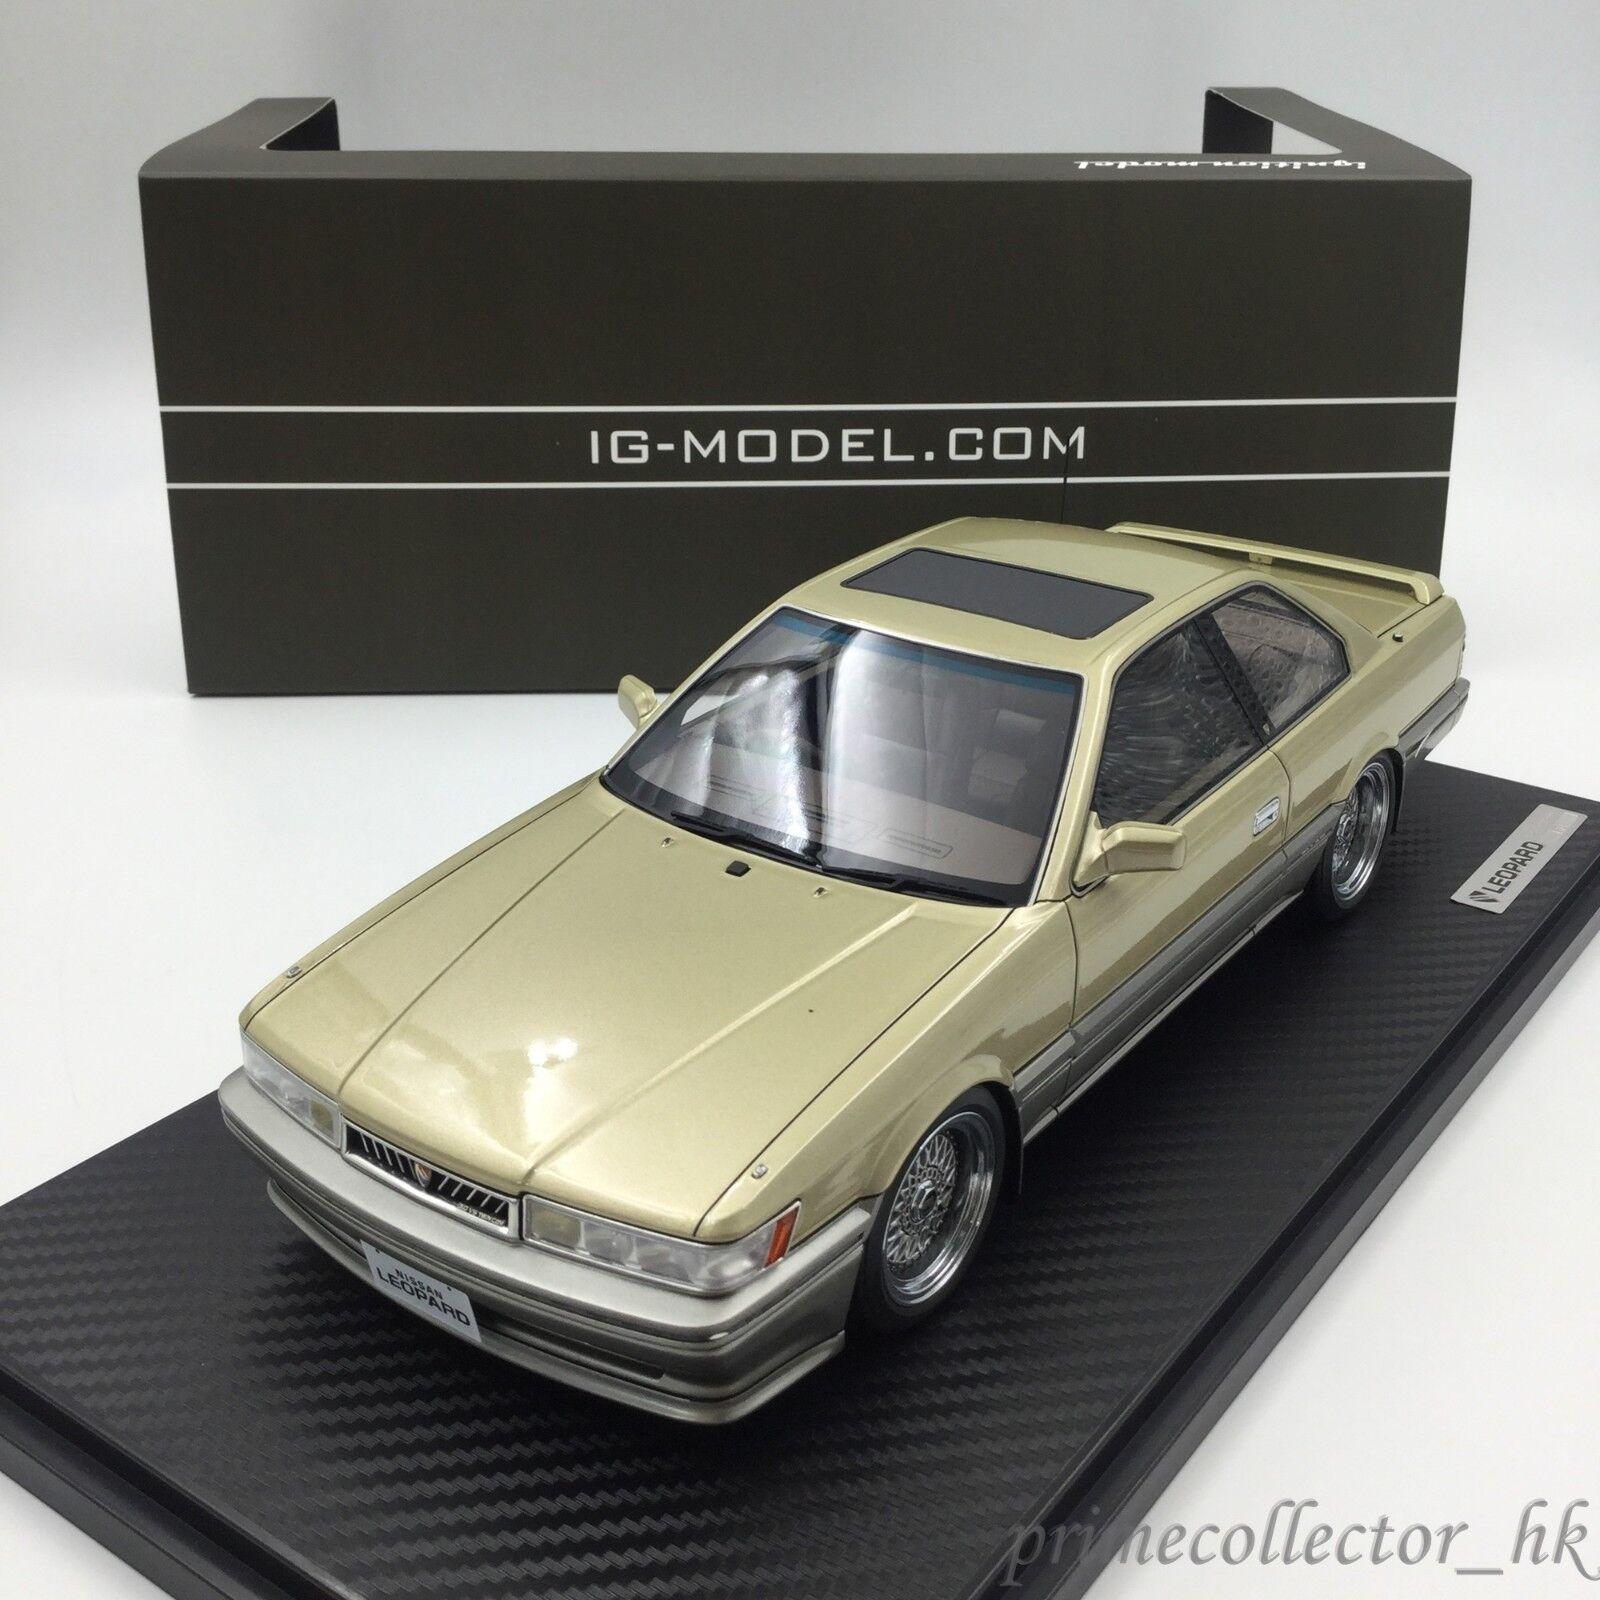 Ignition Models 1 18 Nissan Leopard 3.0 Ultima (F31) gold IG1012